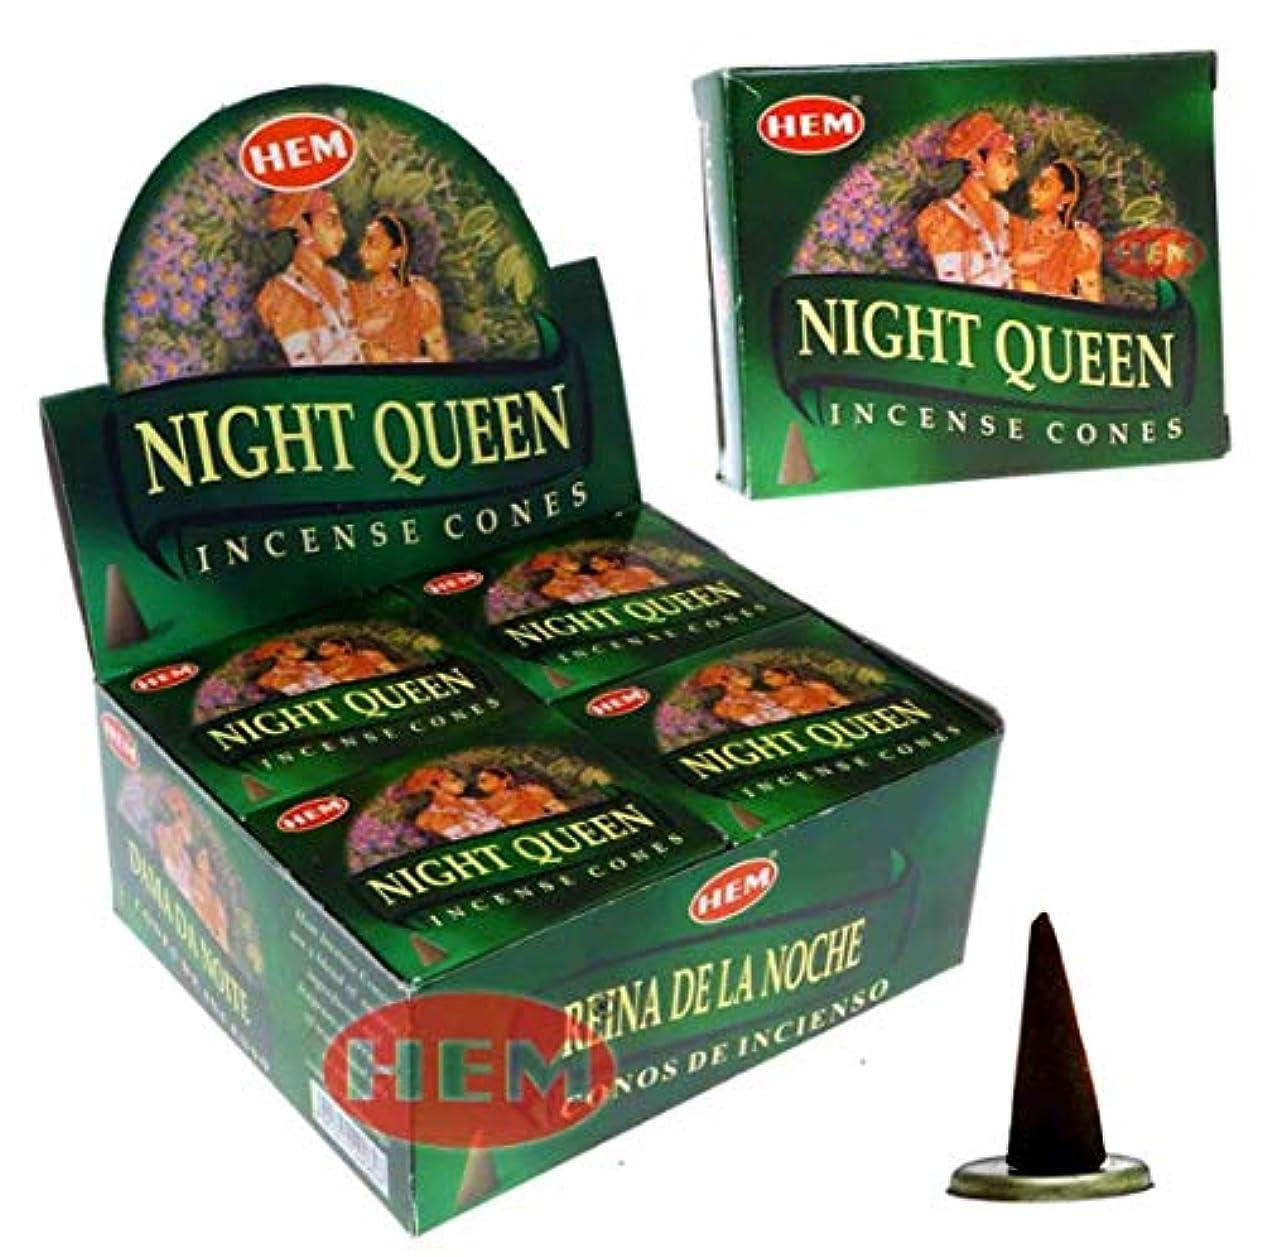 ベッド行為粘り強いHEM(ヘム)お香 ナイトクイーン コーンタイプ 1ケース(10粒入り1箱×12箱)